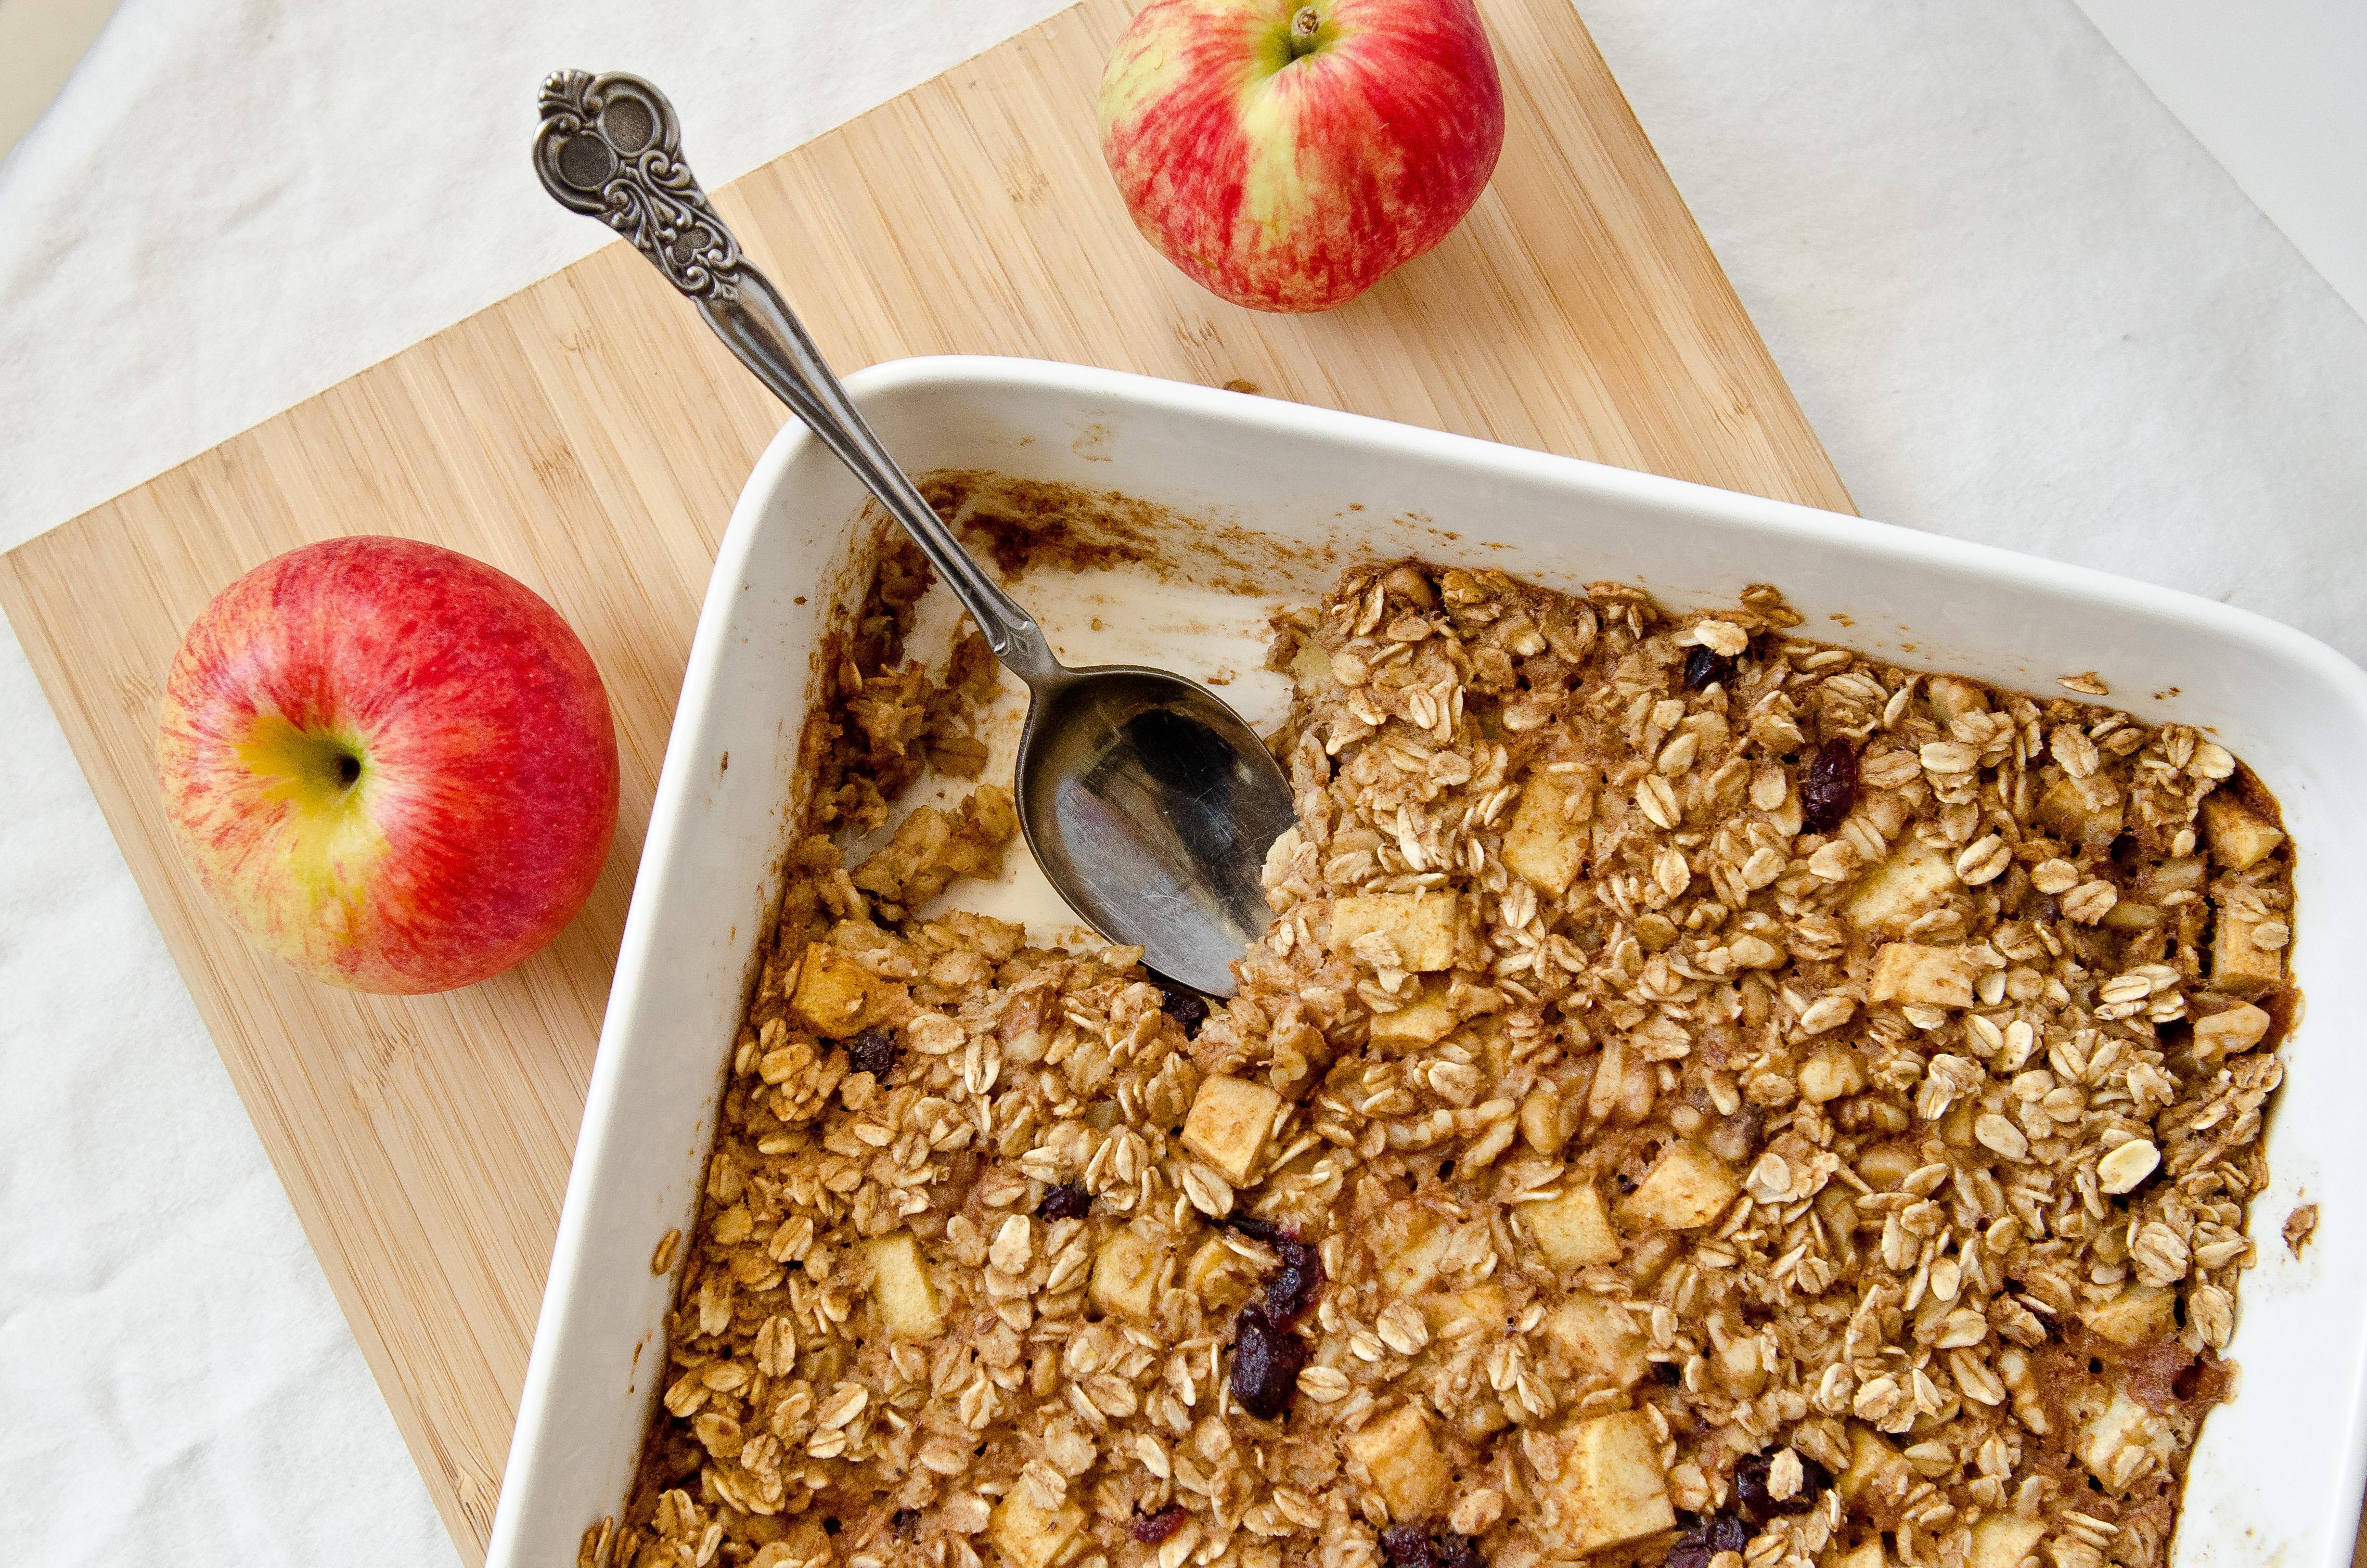 Vegan Apple Cinnamon Baked Oatmeal - The Fig Tree